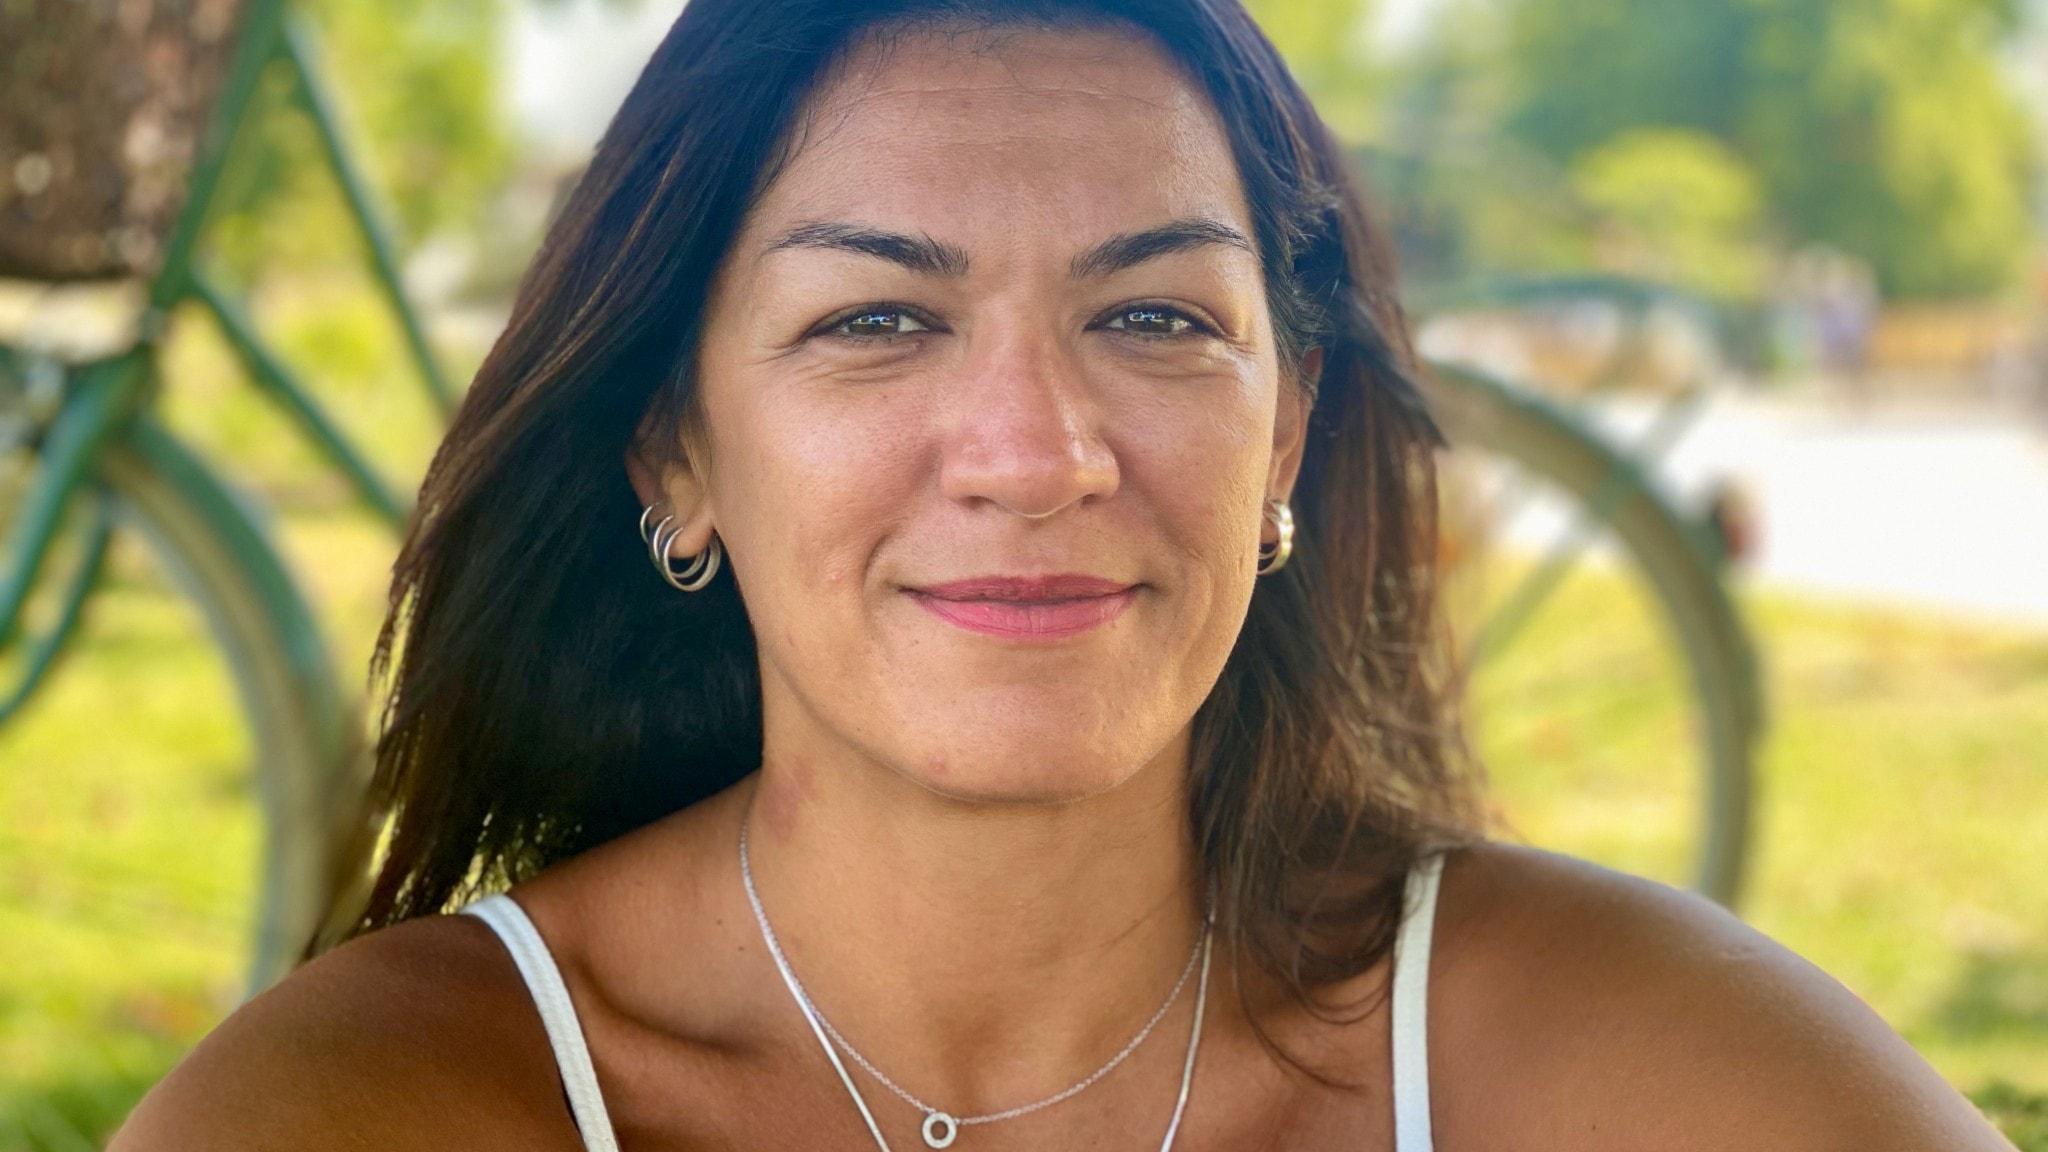 Nadin Al-Khalidi, sångerska och textförfattare i Tarabband, på gräset i Folkets park i Malmö.